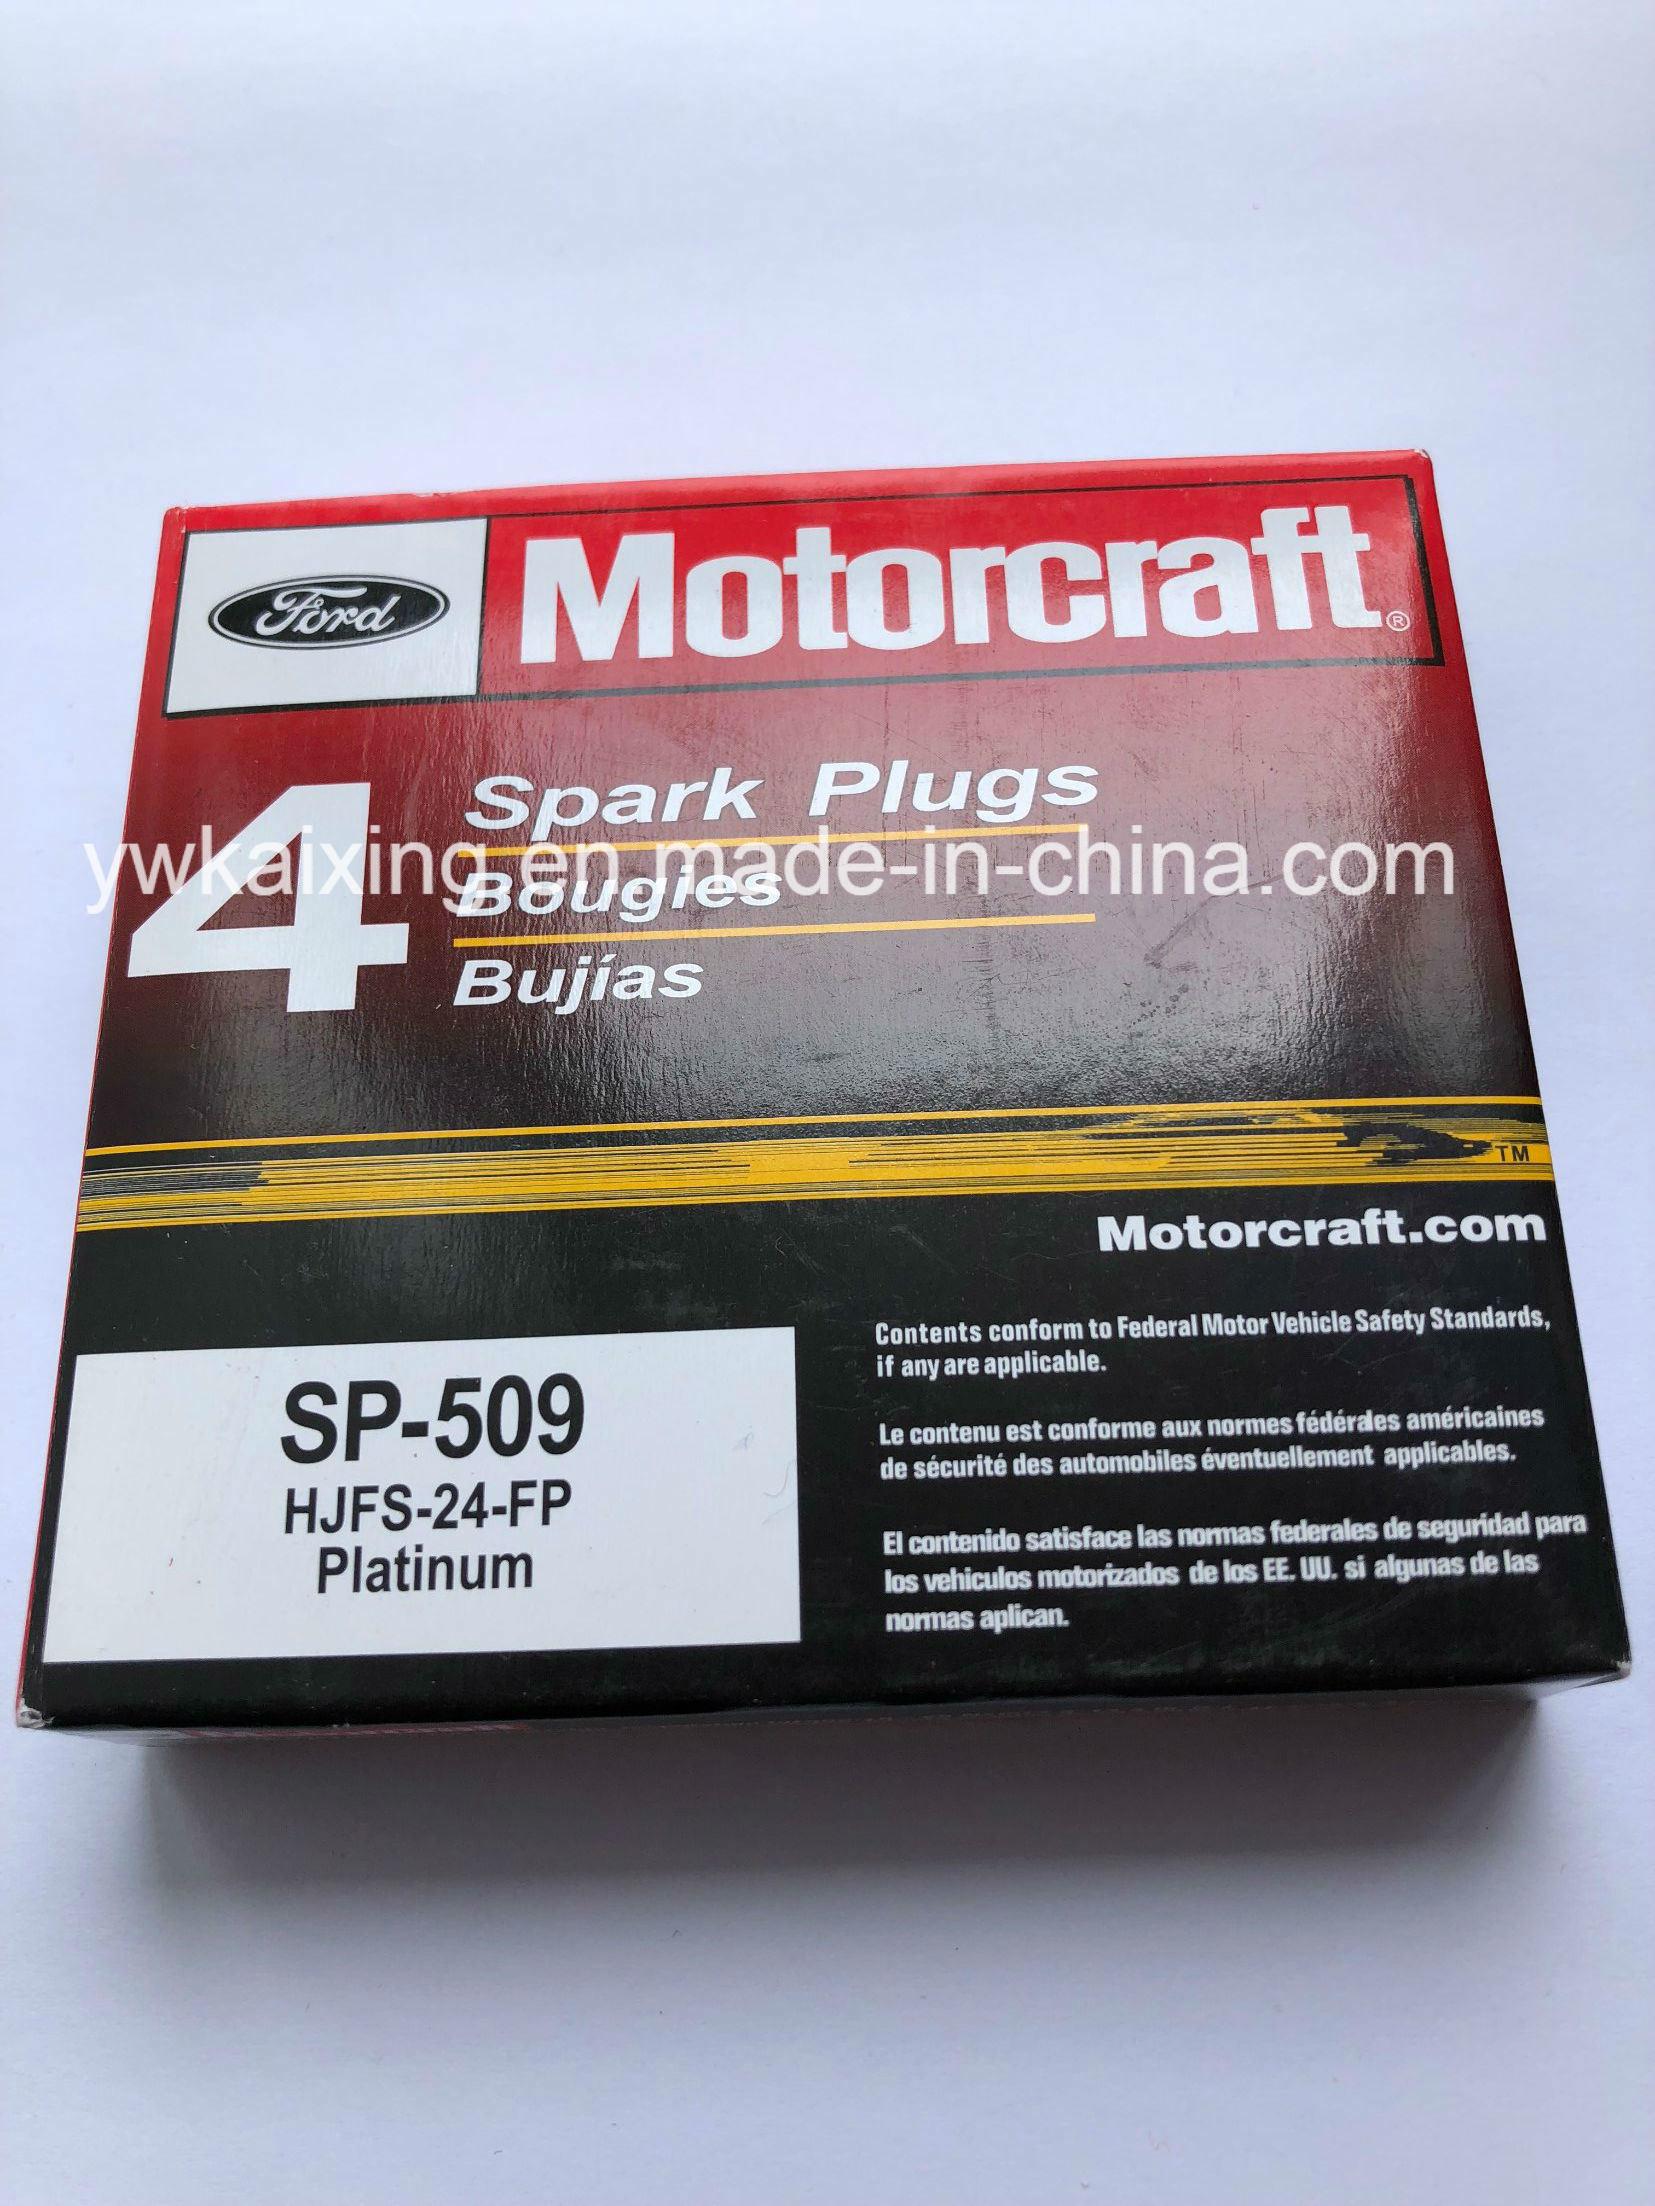 Motorcraft spark plug set sp 509 for ford lincoln mercury hjfs 24fp us